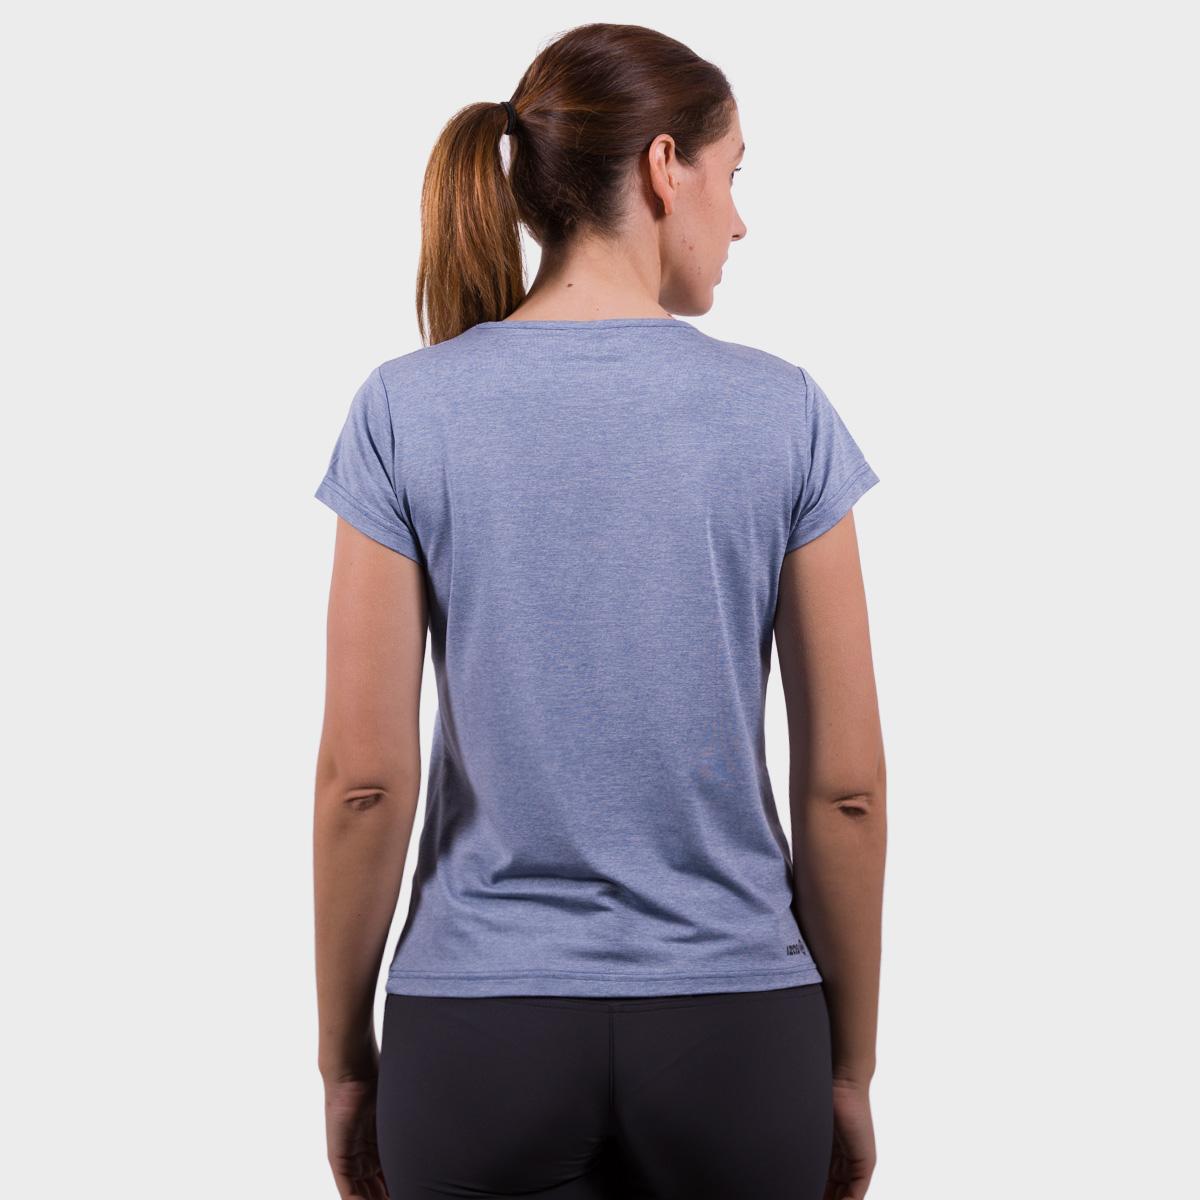 WOMAN'S ARIA T-SHIRT BLUE